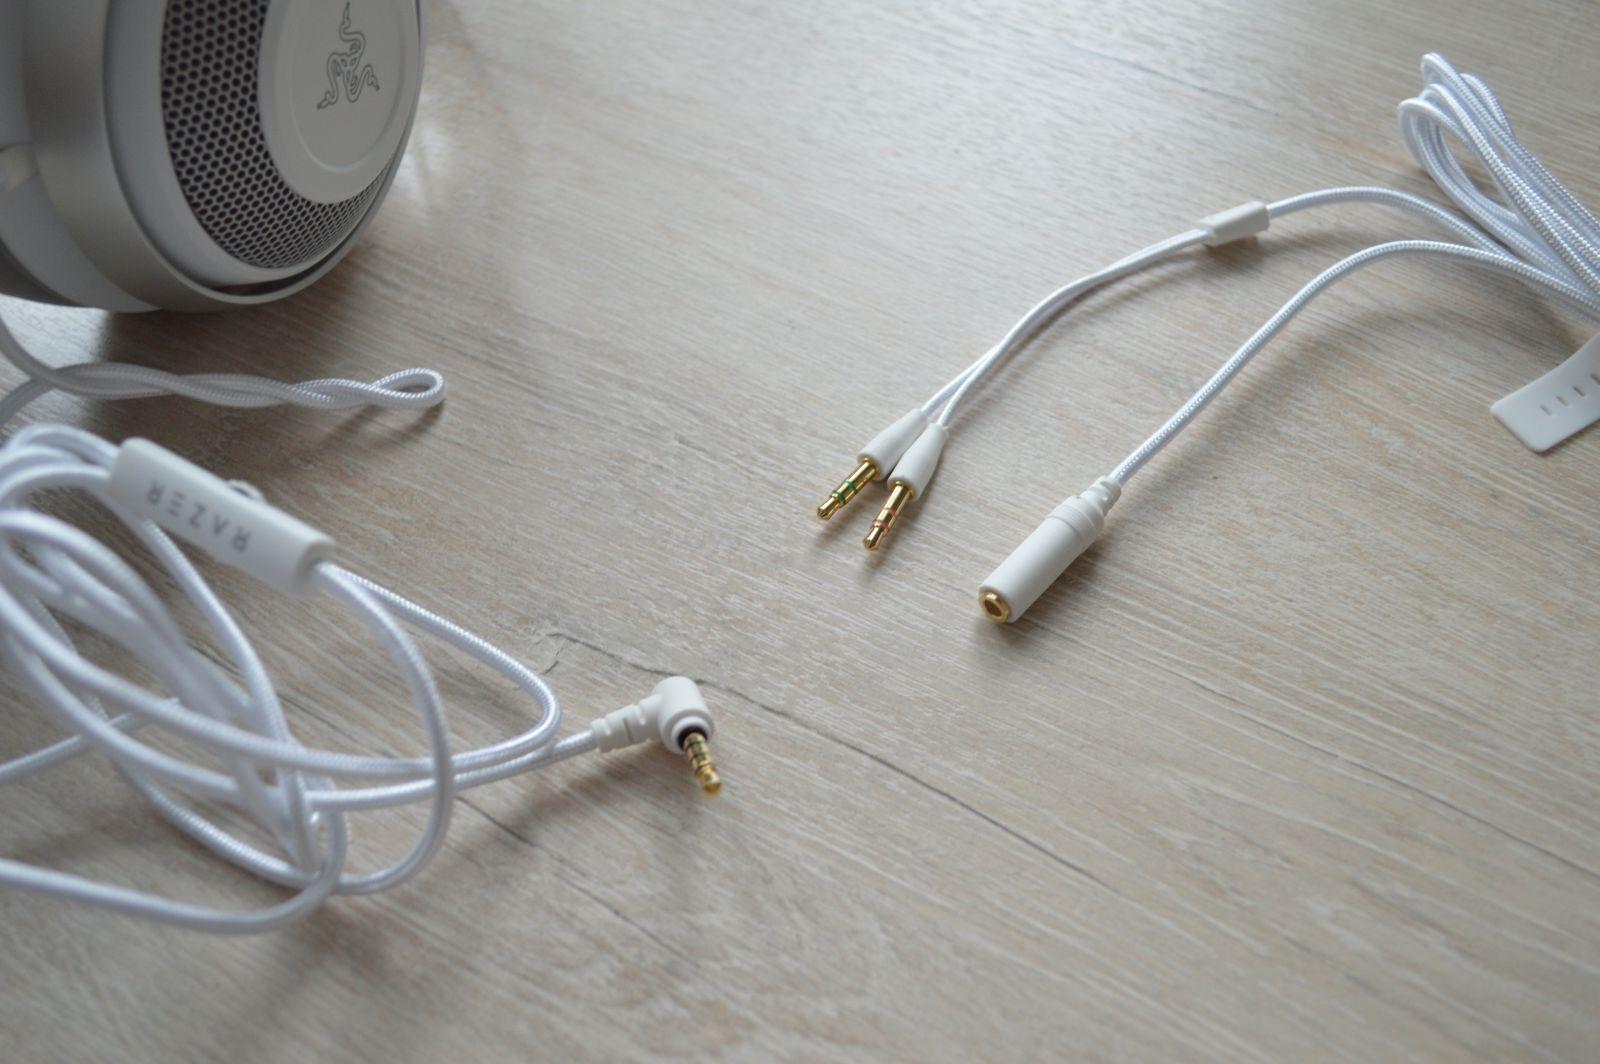 Razer Kraken провода